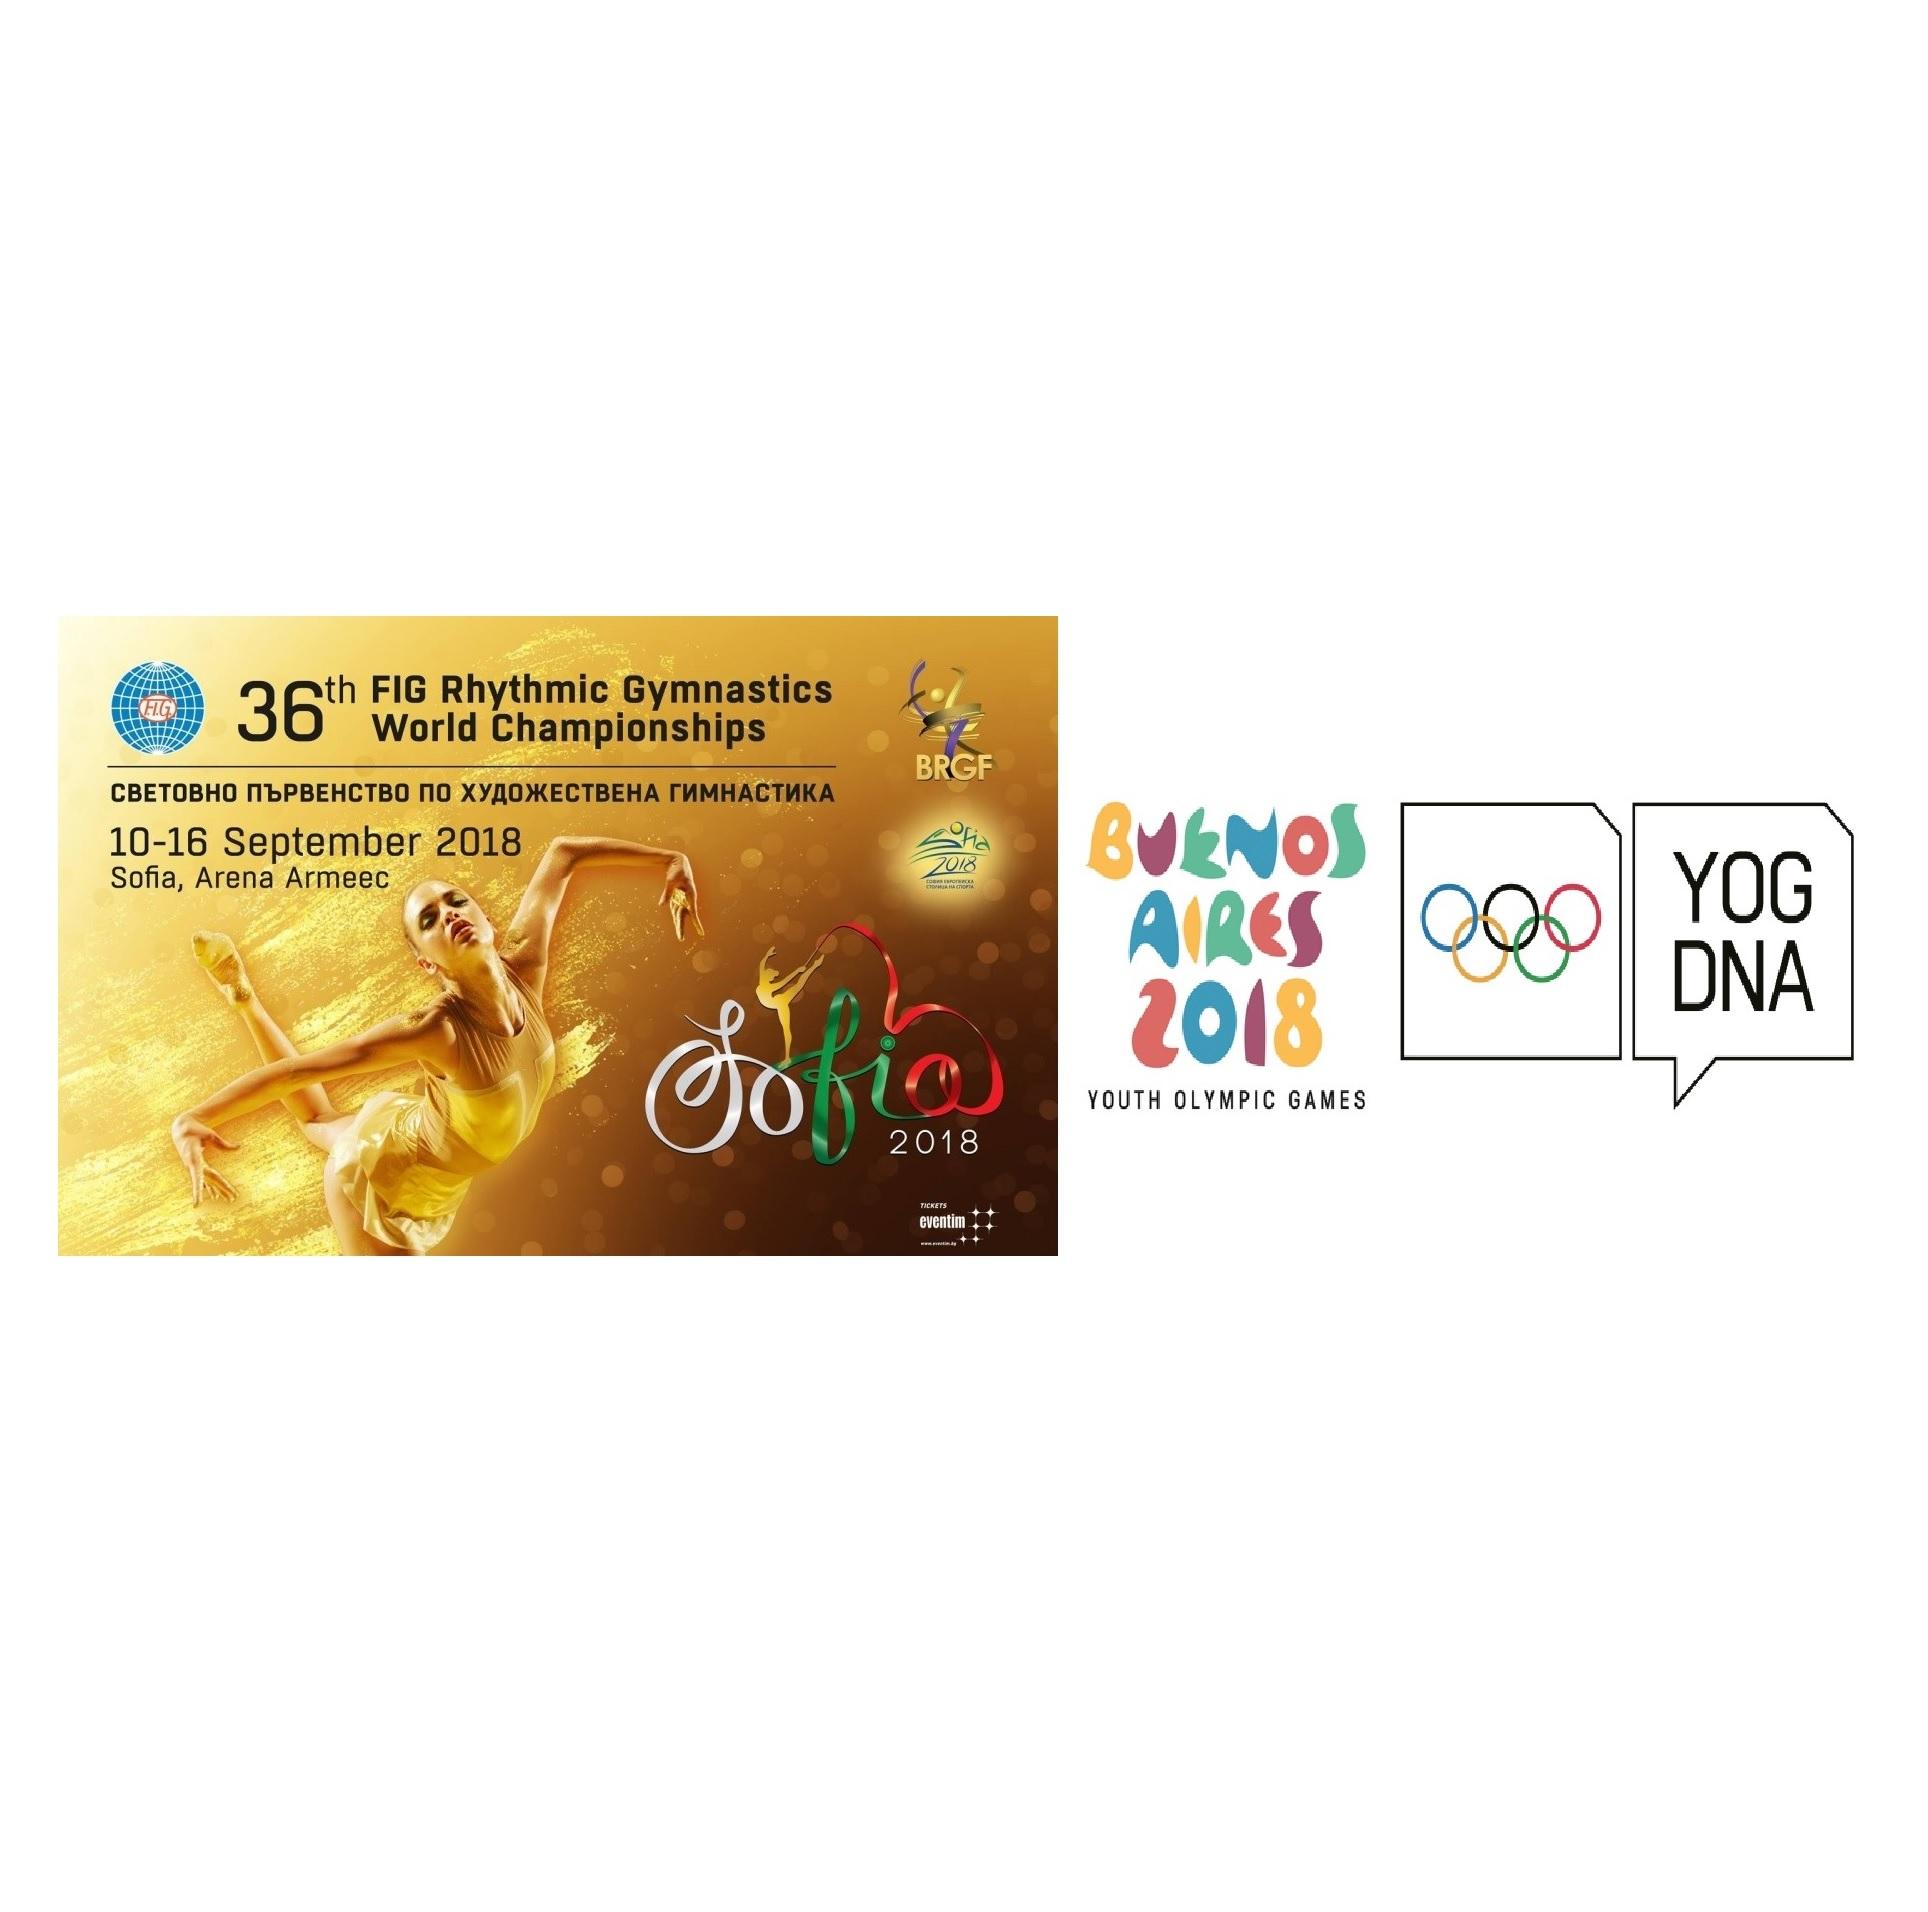 RG reprezentacija na Prvenstu sveta u Sofiji, MSG junior se priprema za YOG 2018